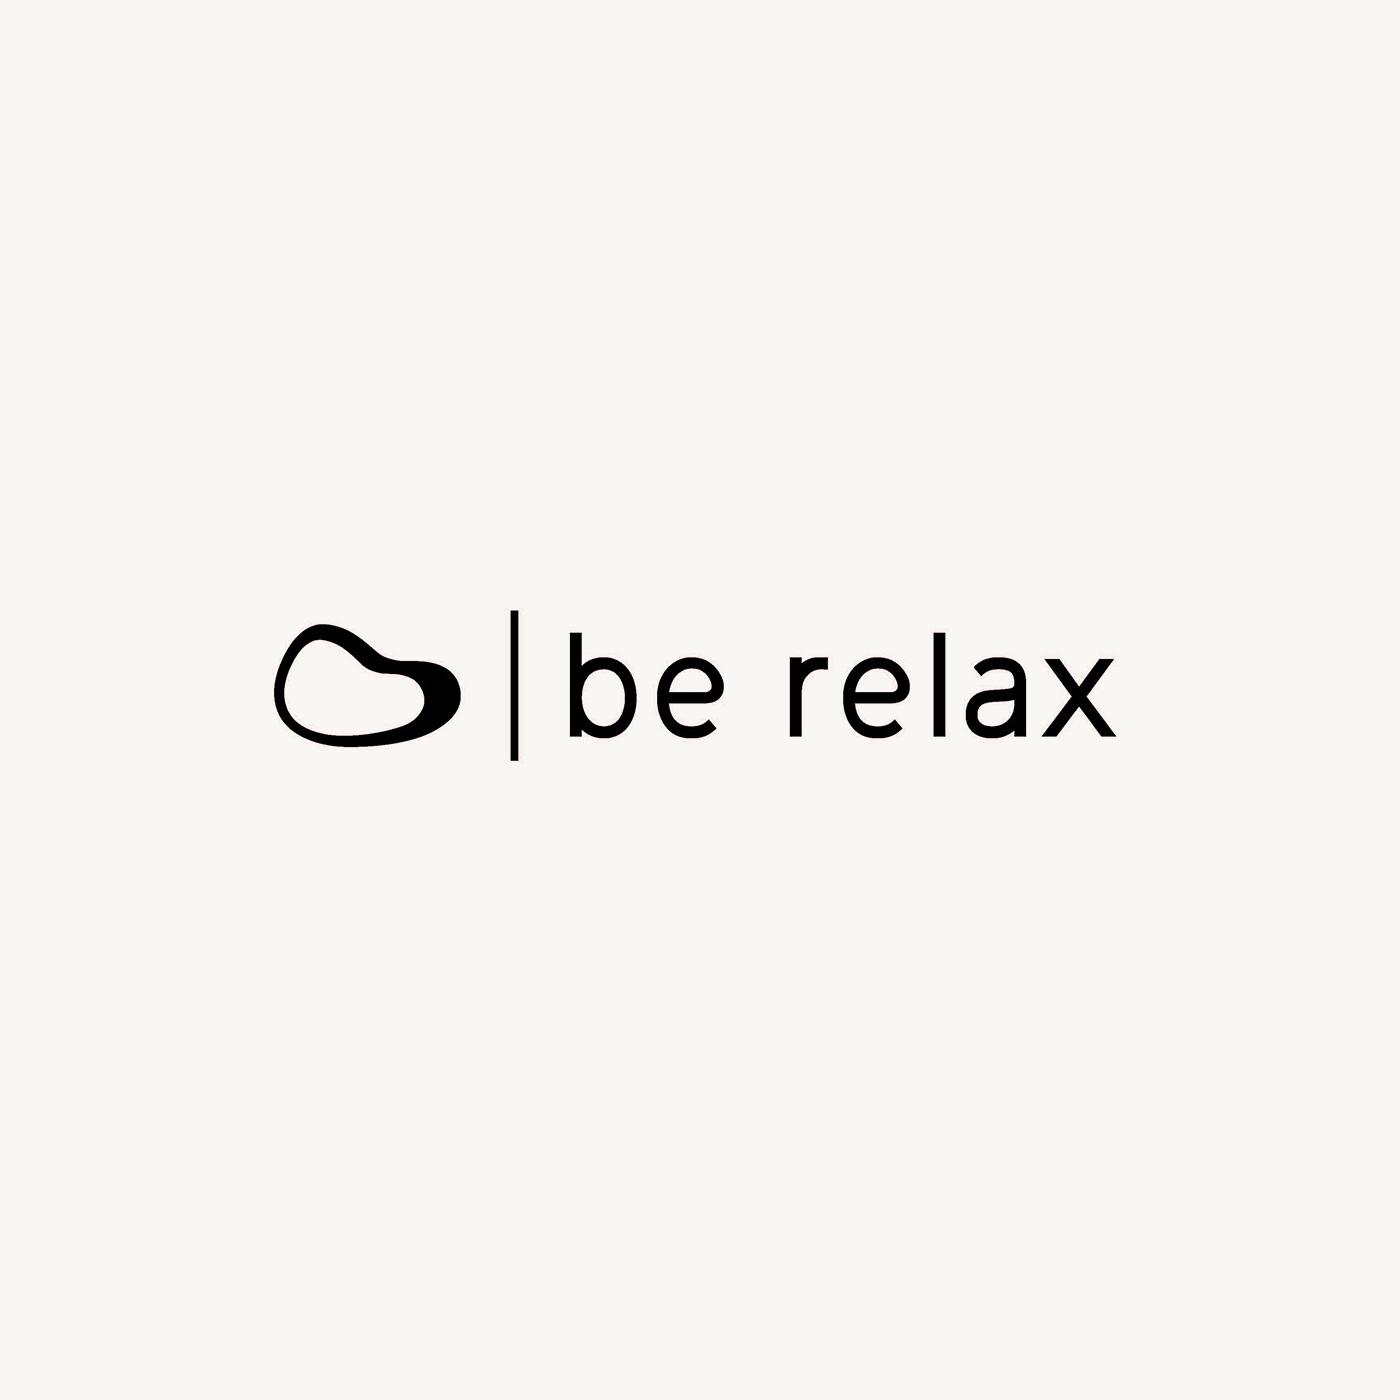 Be Relax Logo.jpg